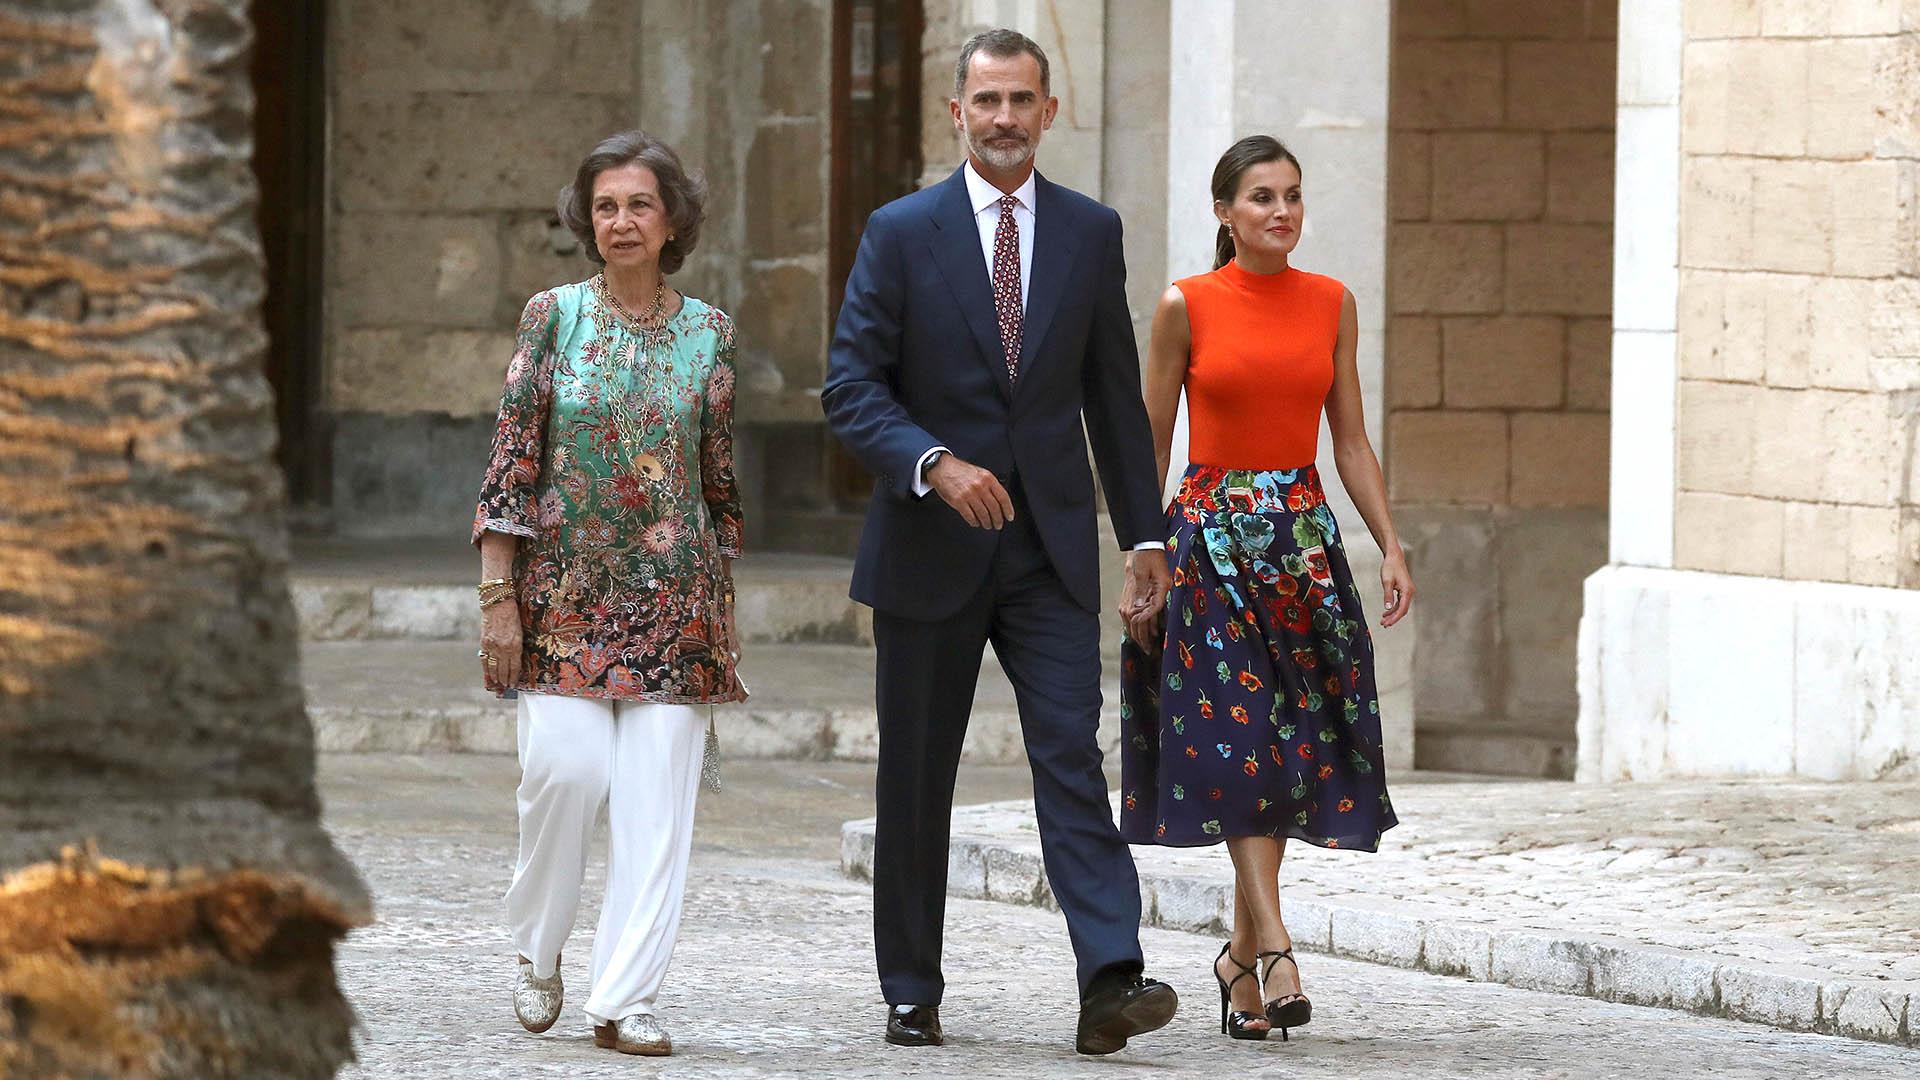 Los reyes Felipe y Letizia, acompañados por la reina Sofía, a su llegada a la recepción en honor a los representantes de todos los sectores de la sociedad balear, encabezada por la presidenta autonómica, Francina Armengol, que se llevó a cabo en el Palacio de La Almudaina, en Palma de Mallorca